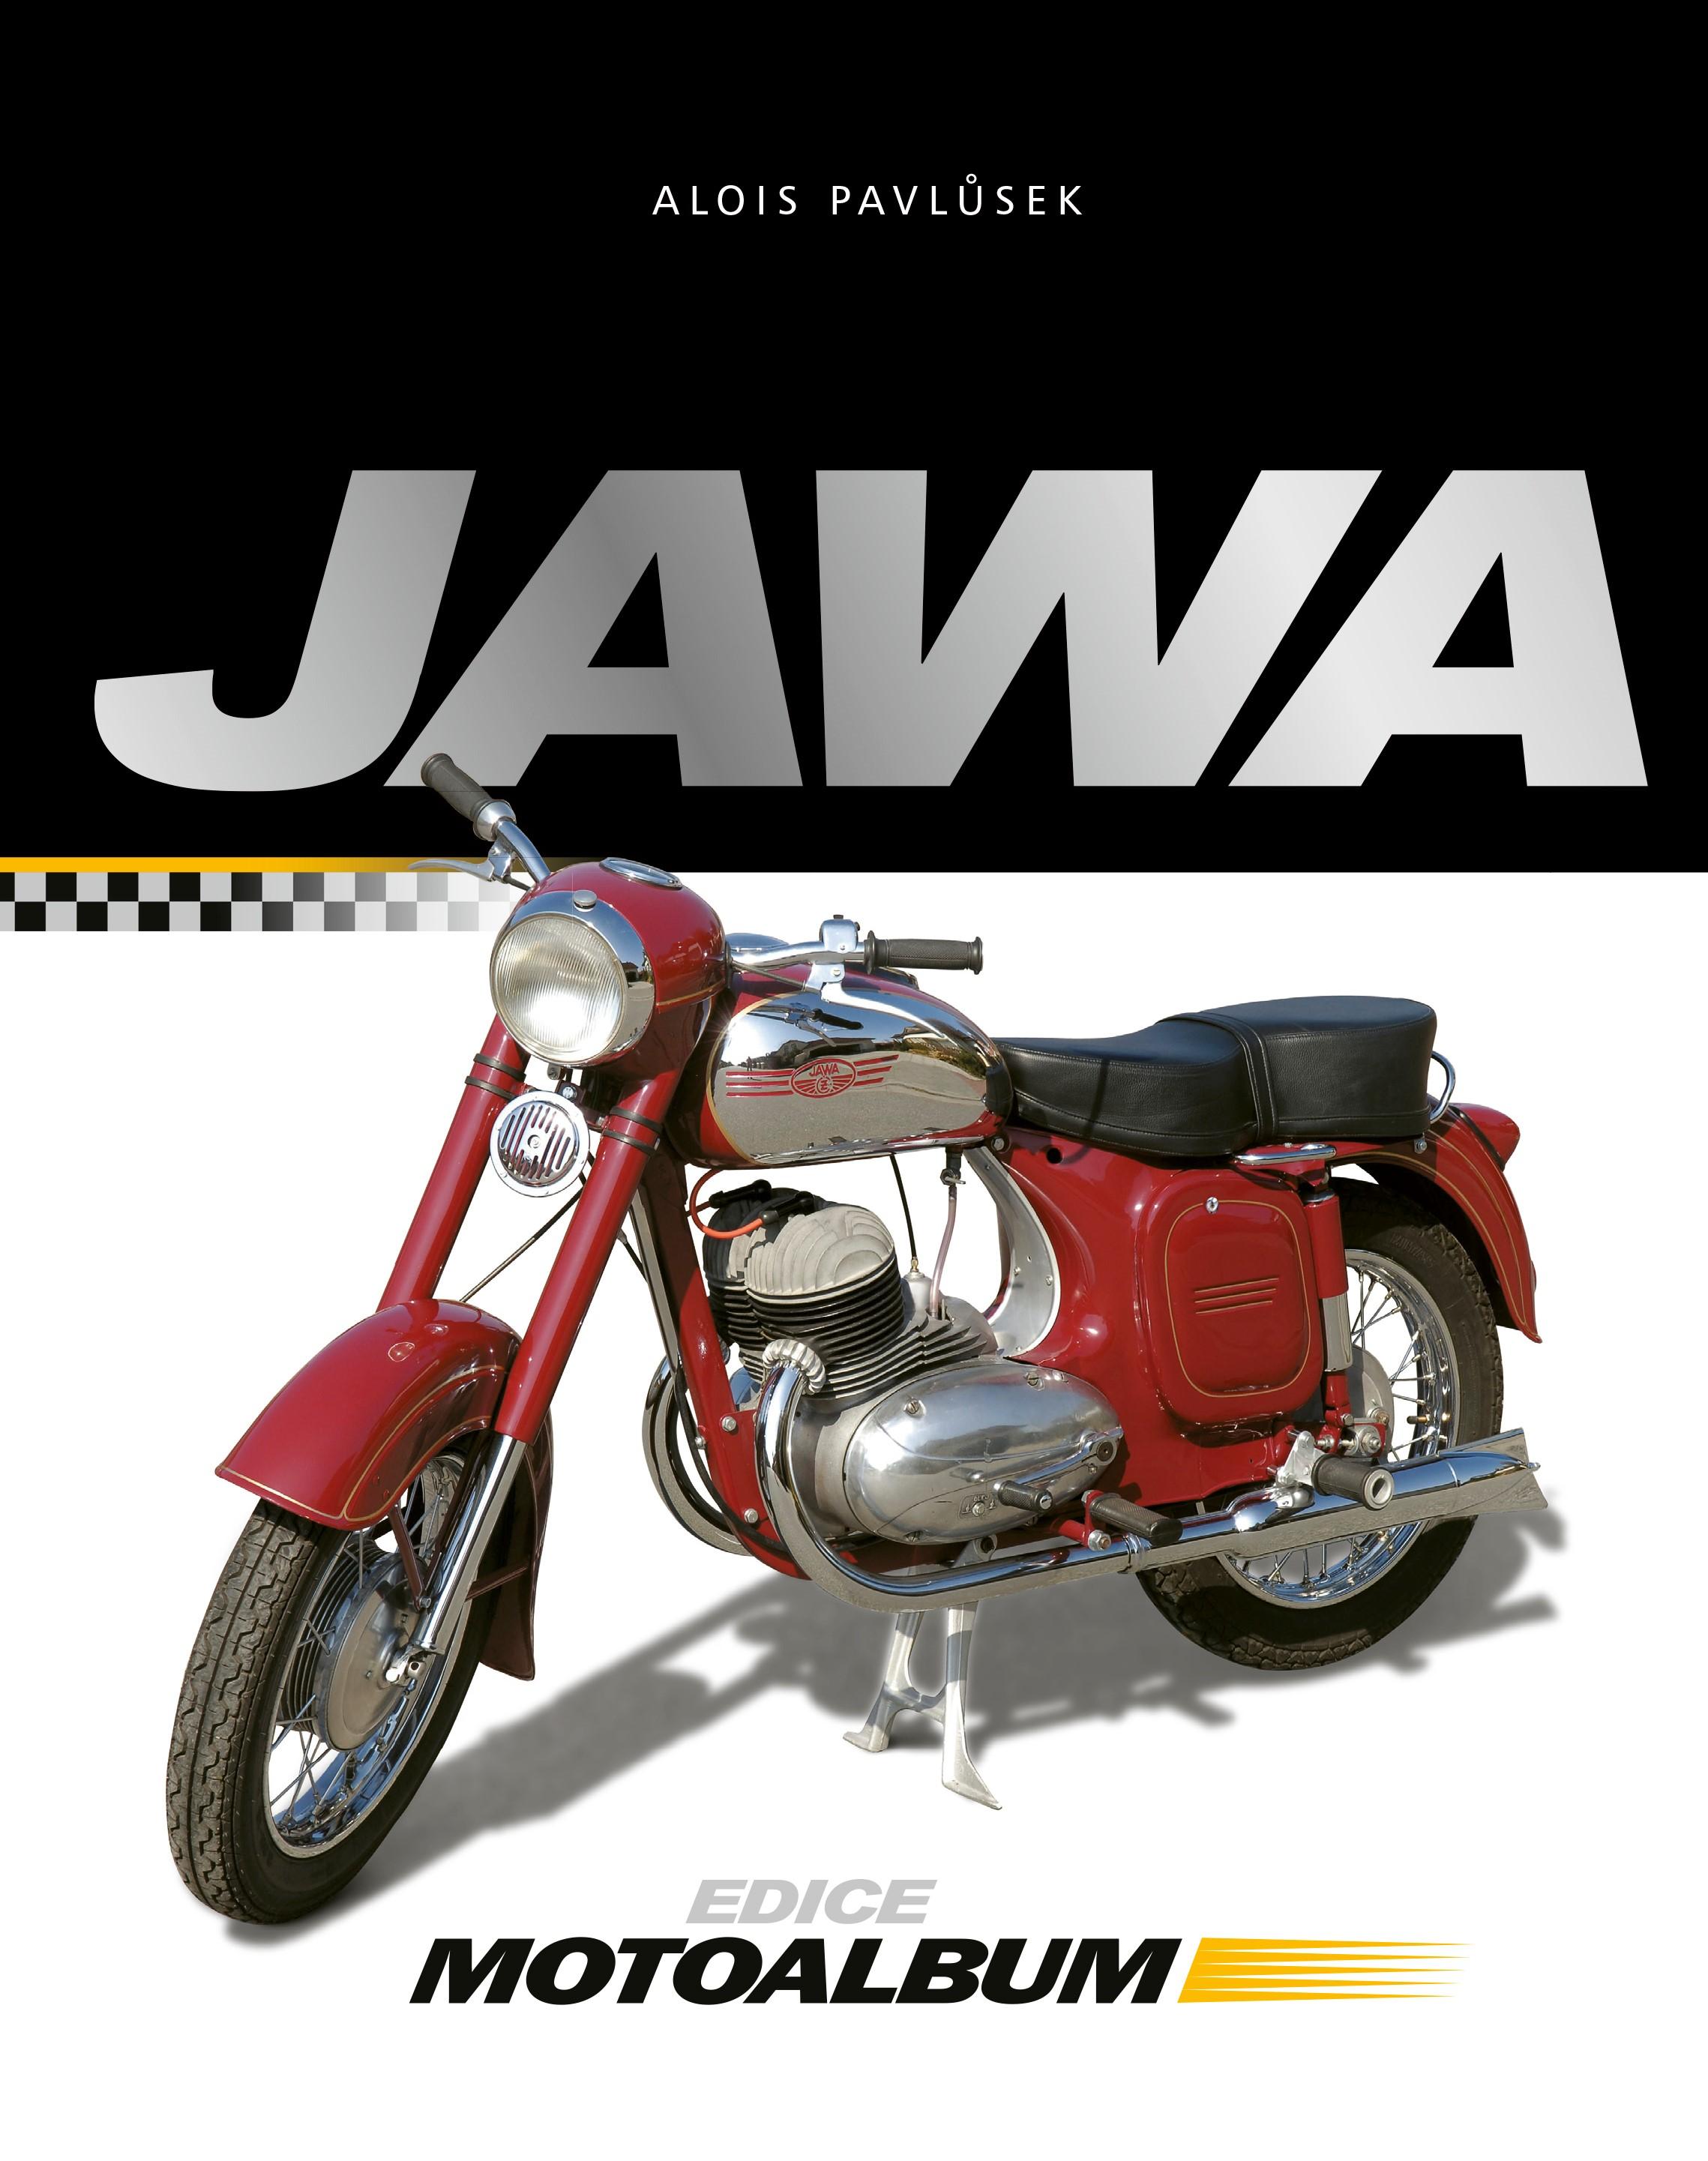 JAWA  (MOTOALBUM)